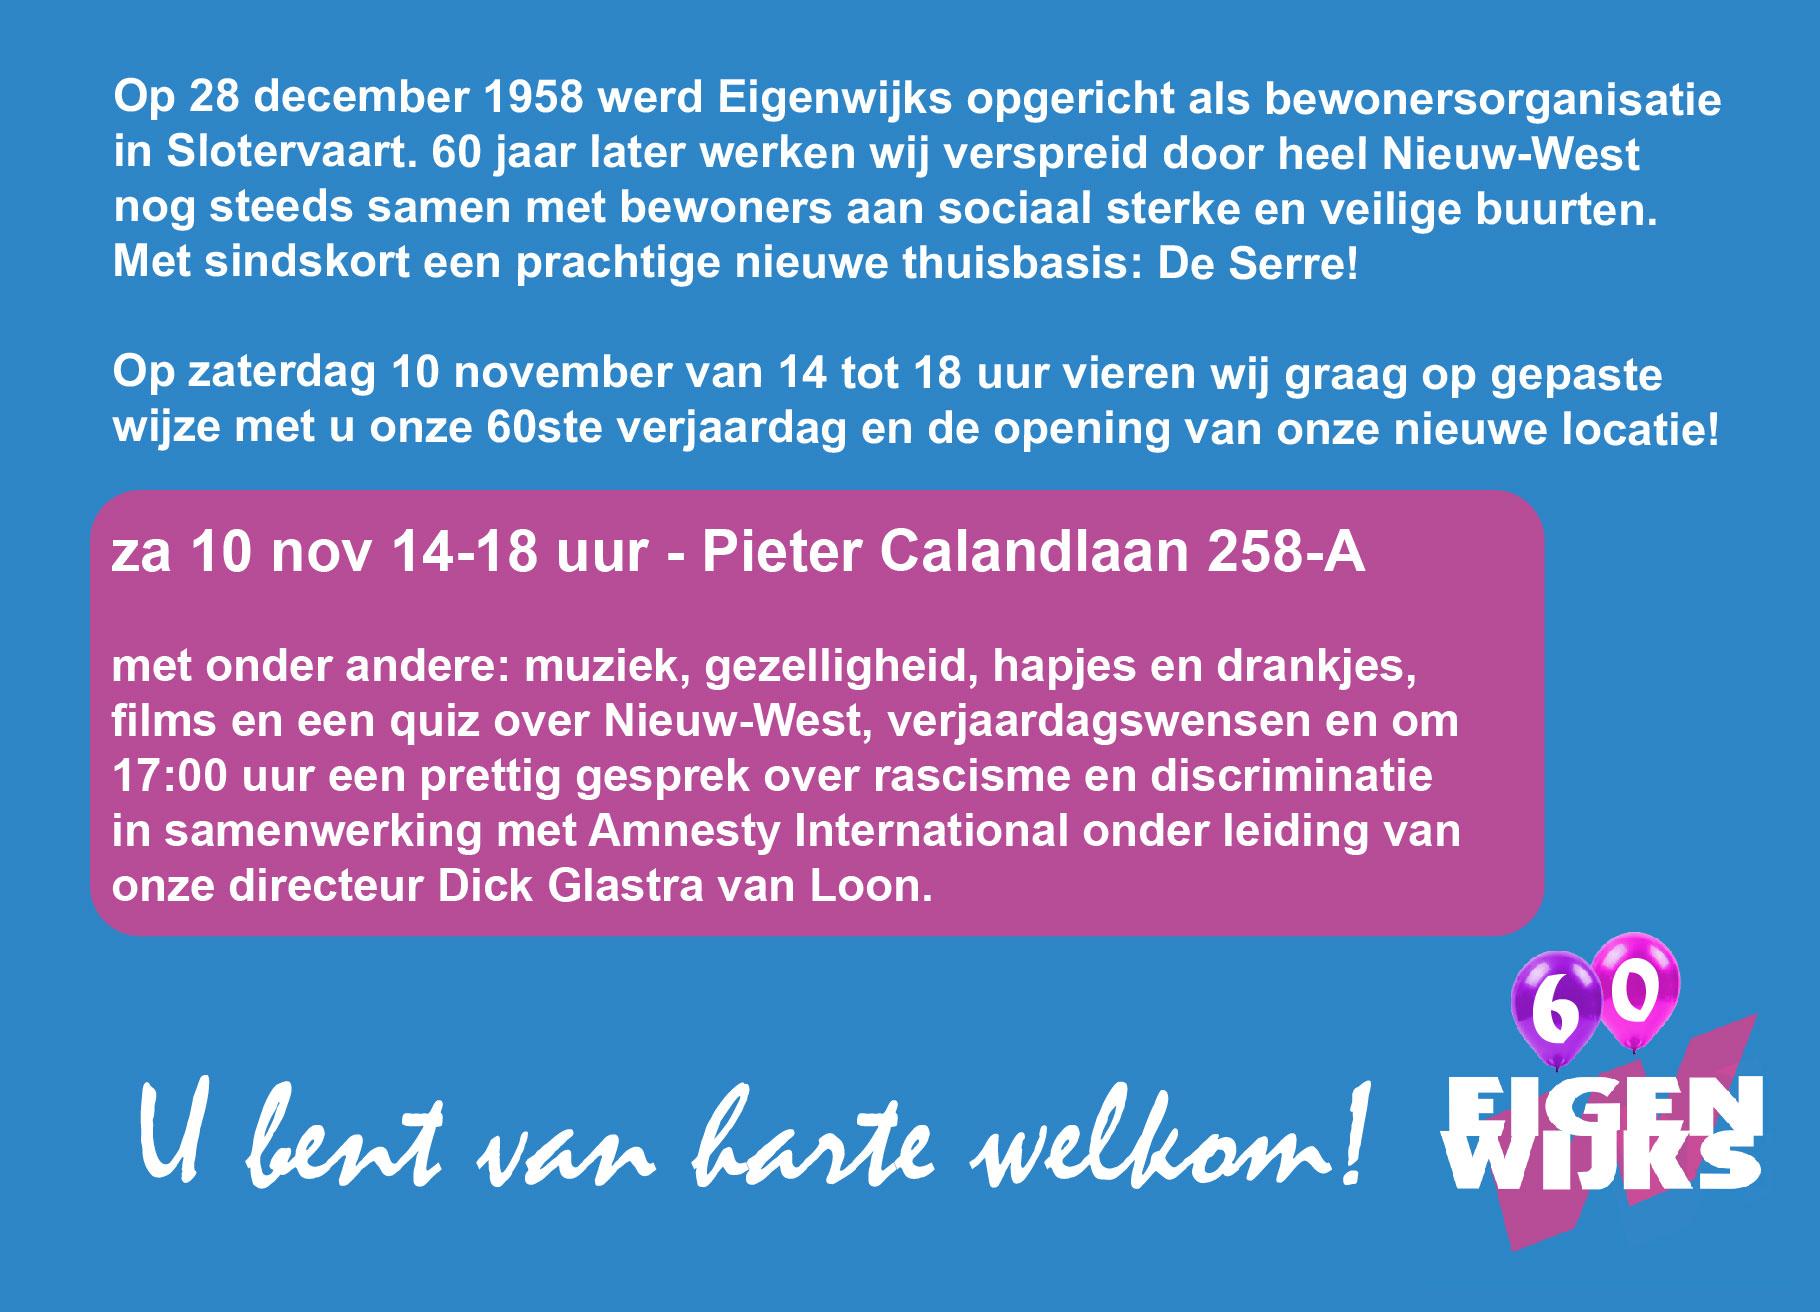 uitnodiging 60 jaar Eigenwijks de Serre